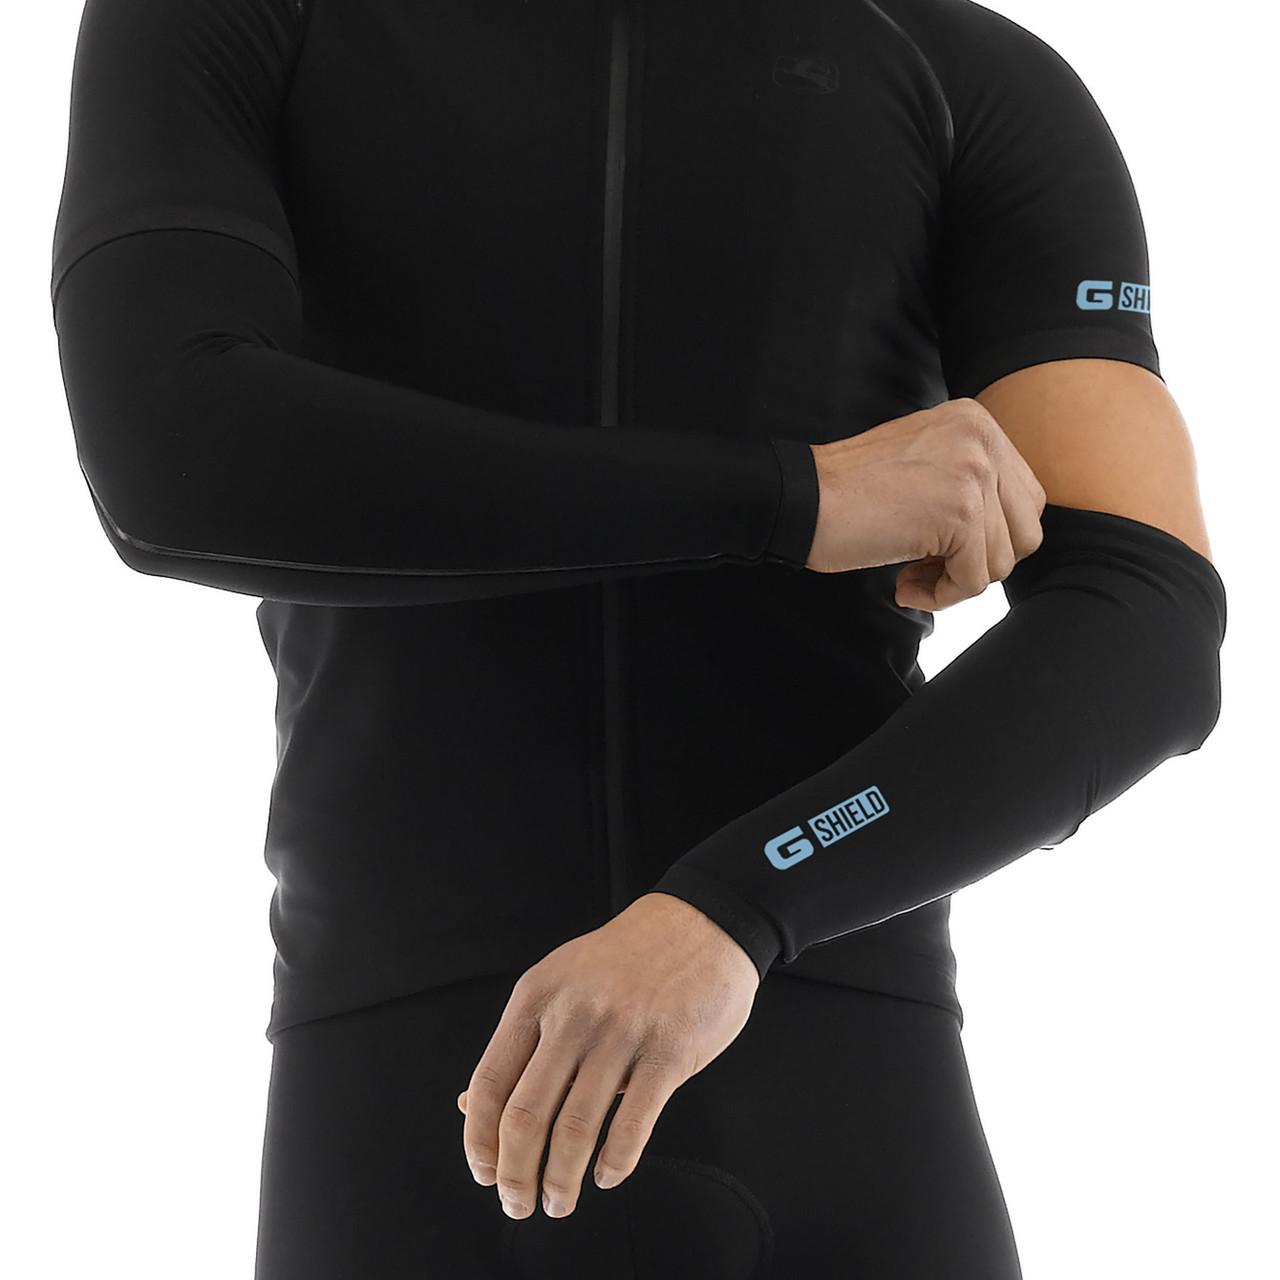 Giordana Armvarmere G-Shield